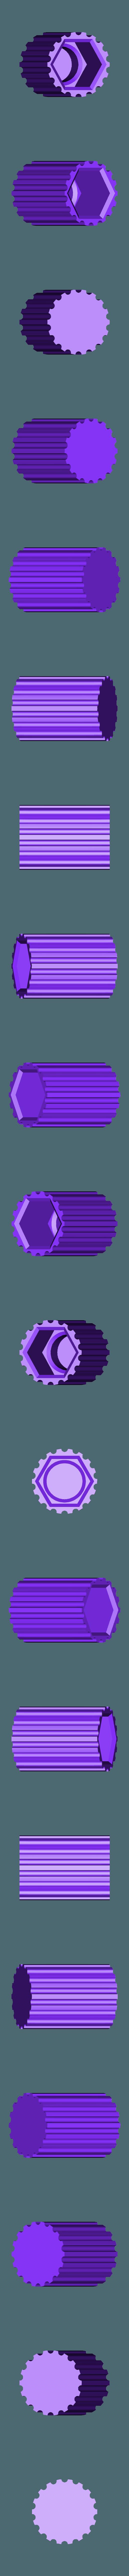 Narrow.stl Télécharger fichier STL gratuit Mini manches de tournevis magnétiques • Objet imprimable en 3D, 3D-Designs